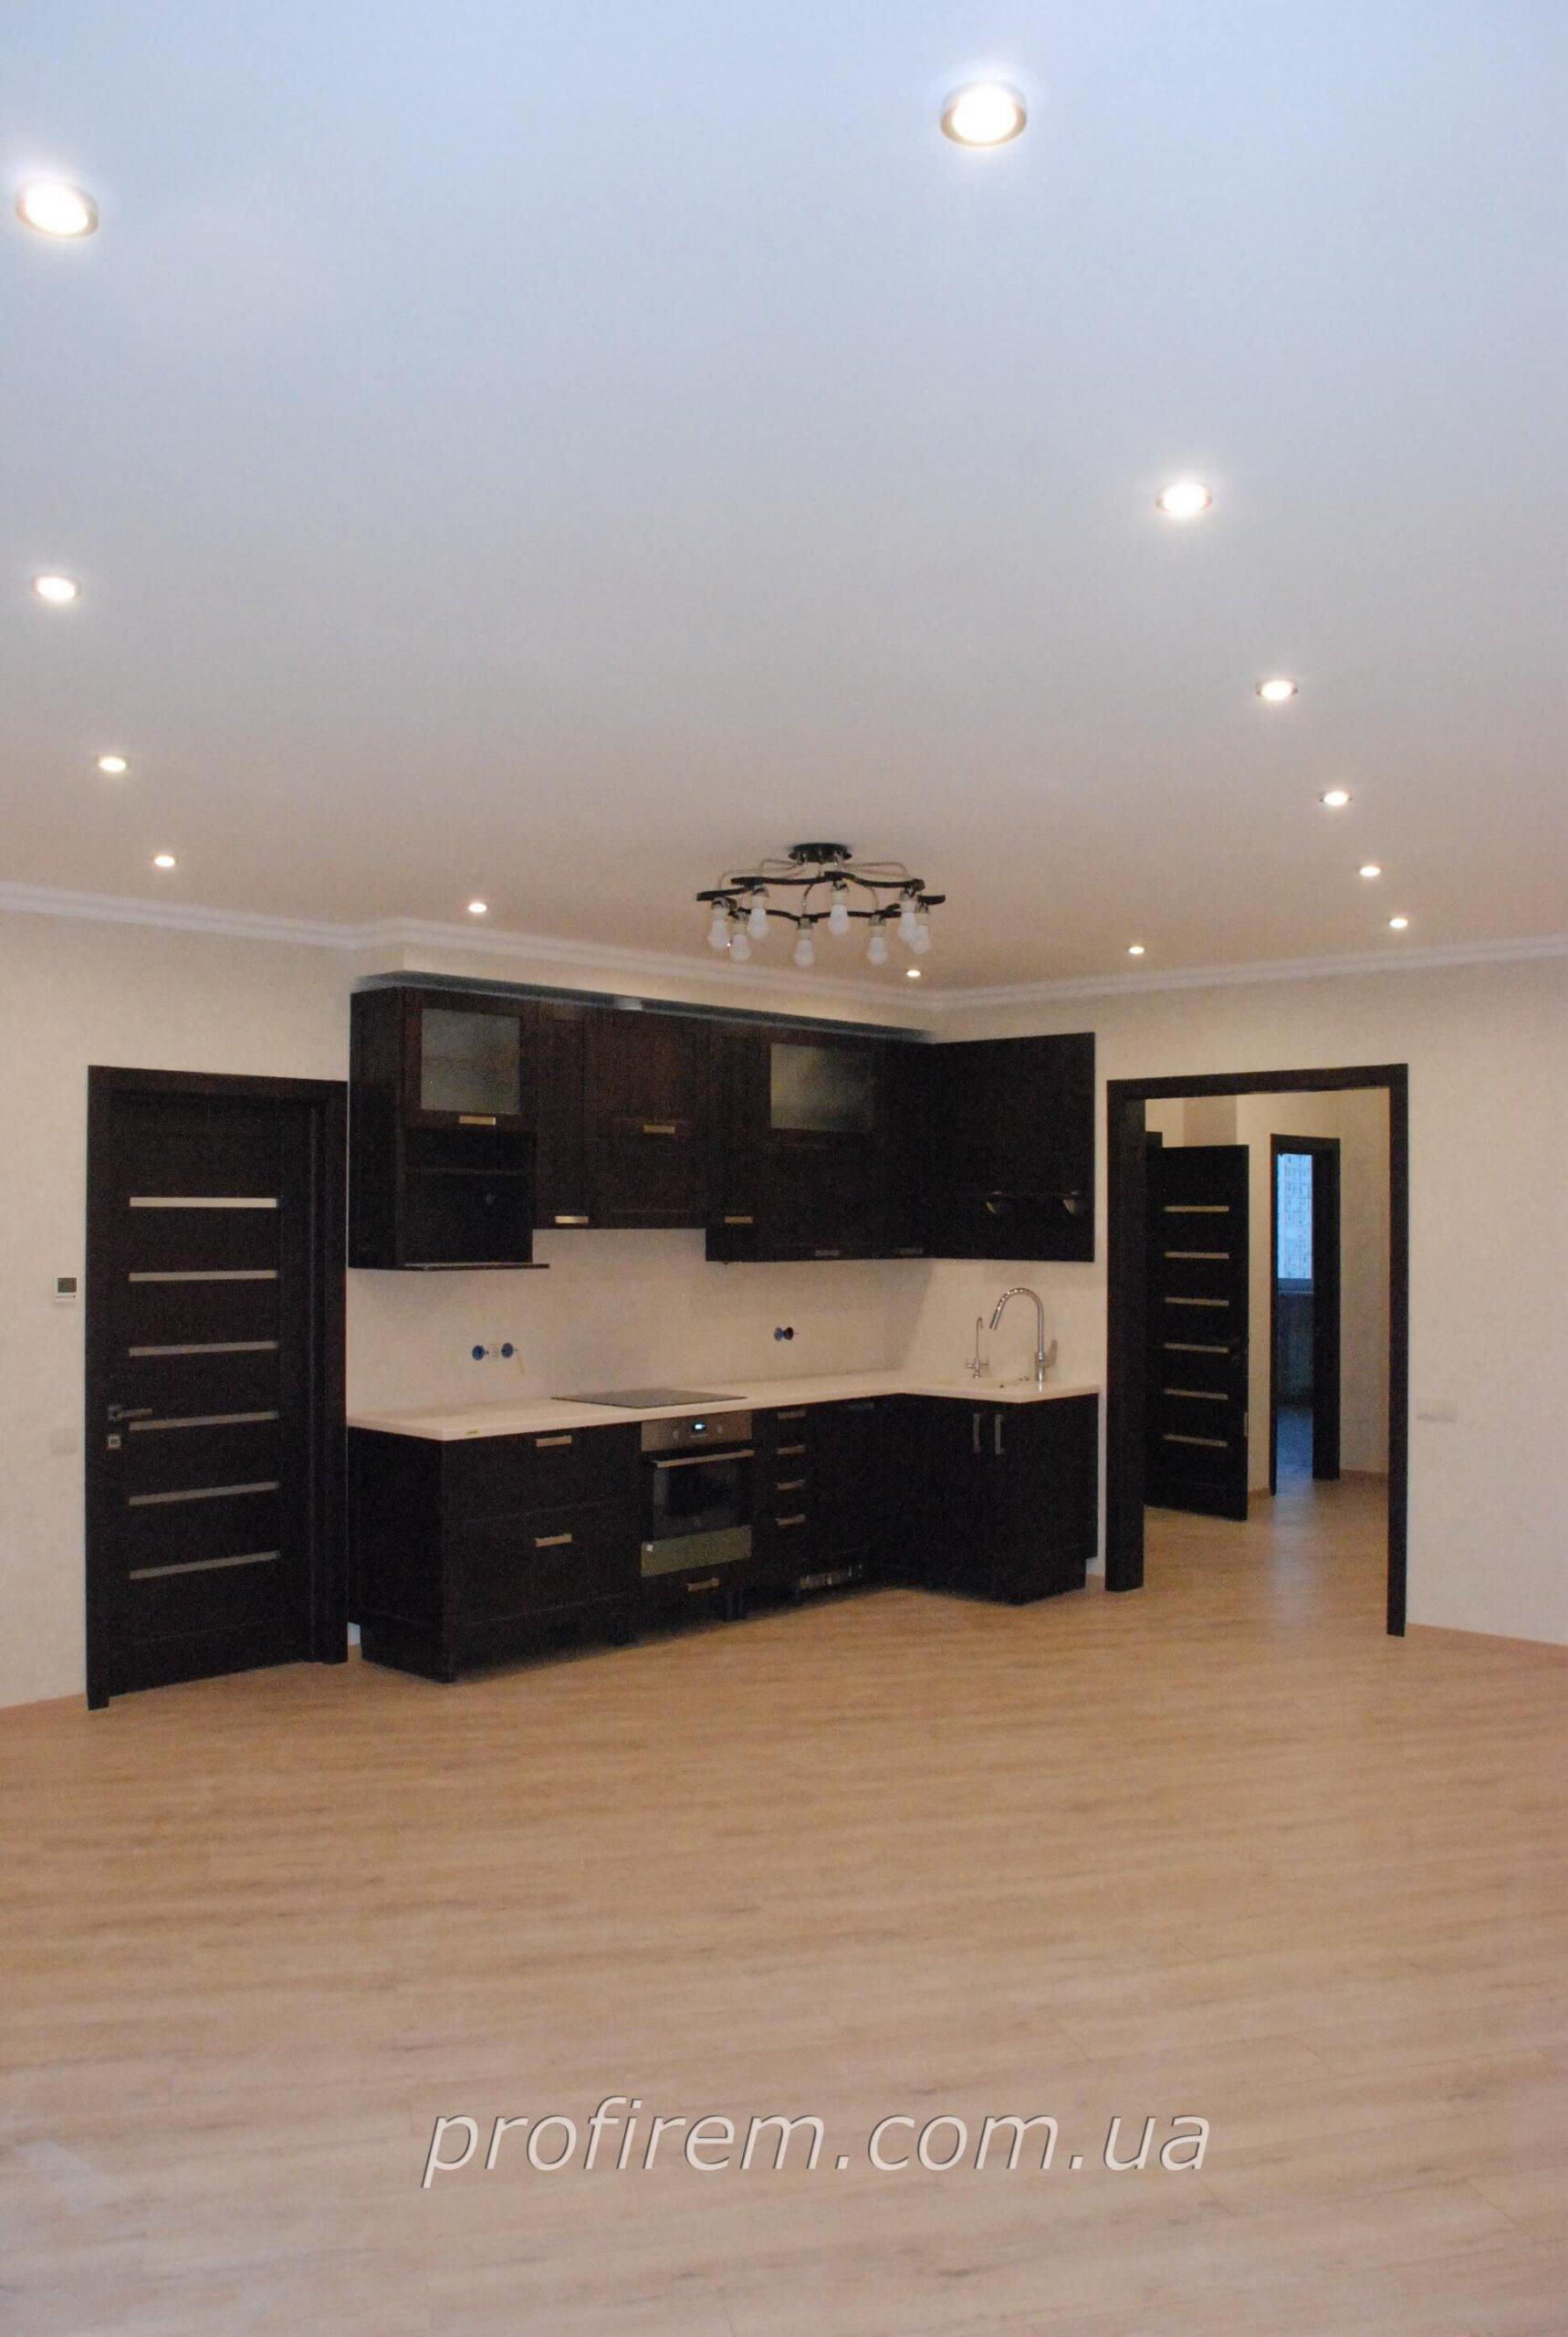 кухонная мебель в очень большой кухне